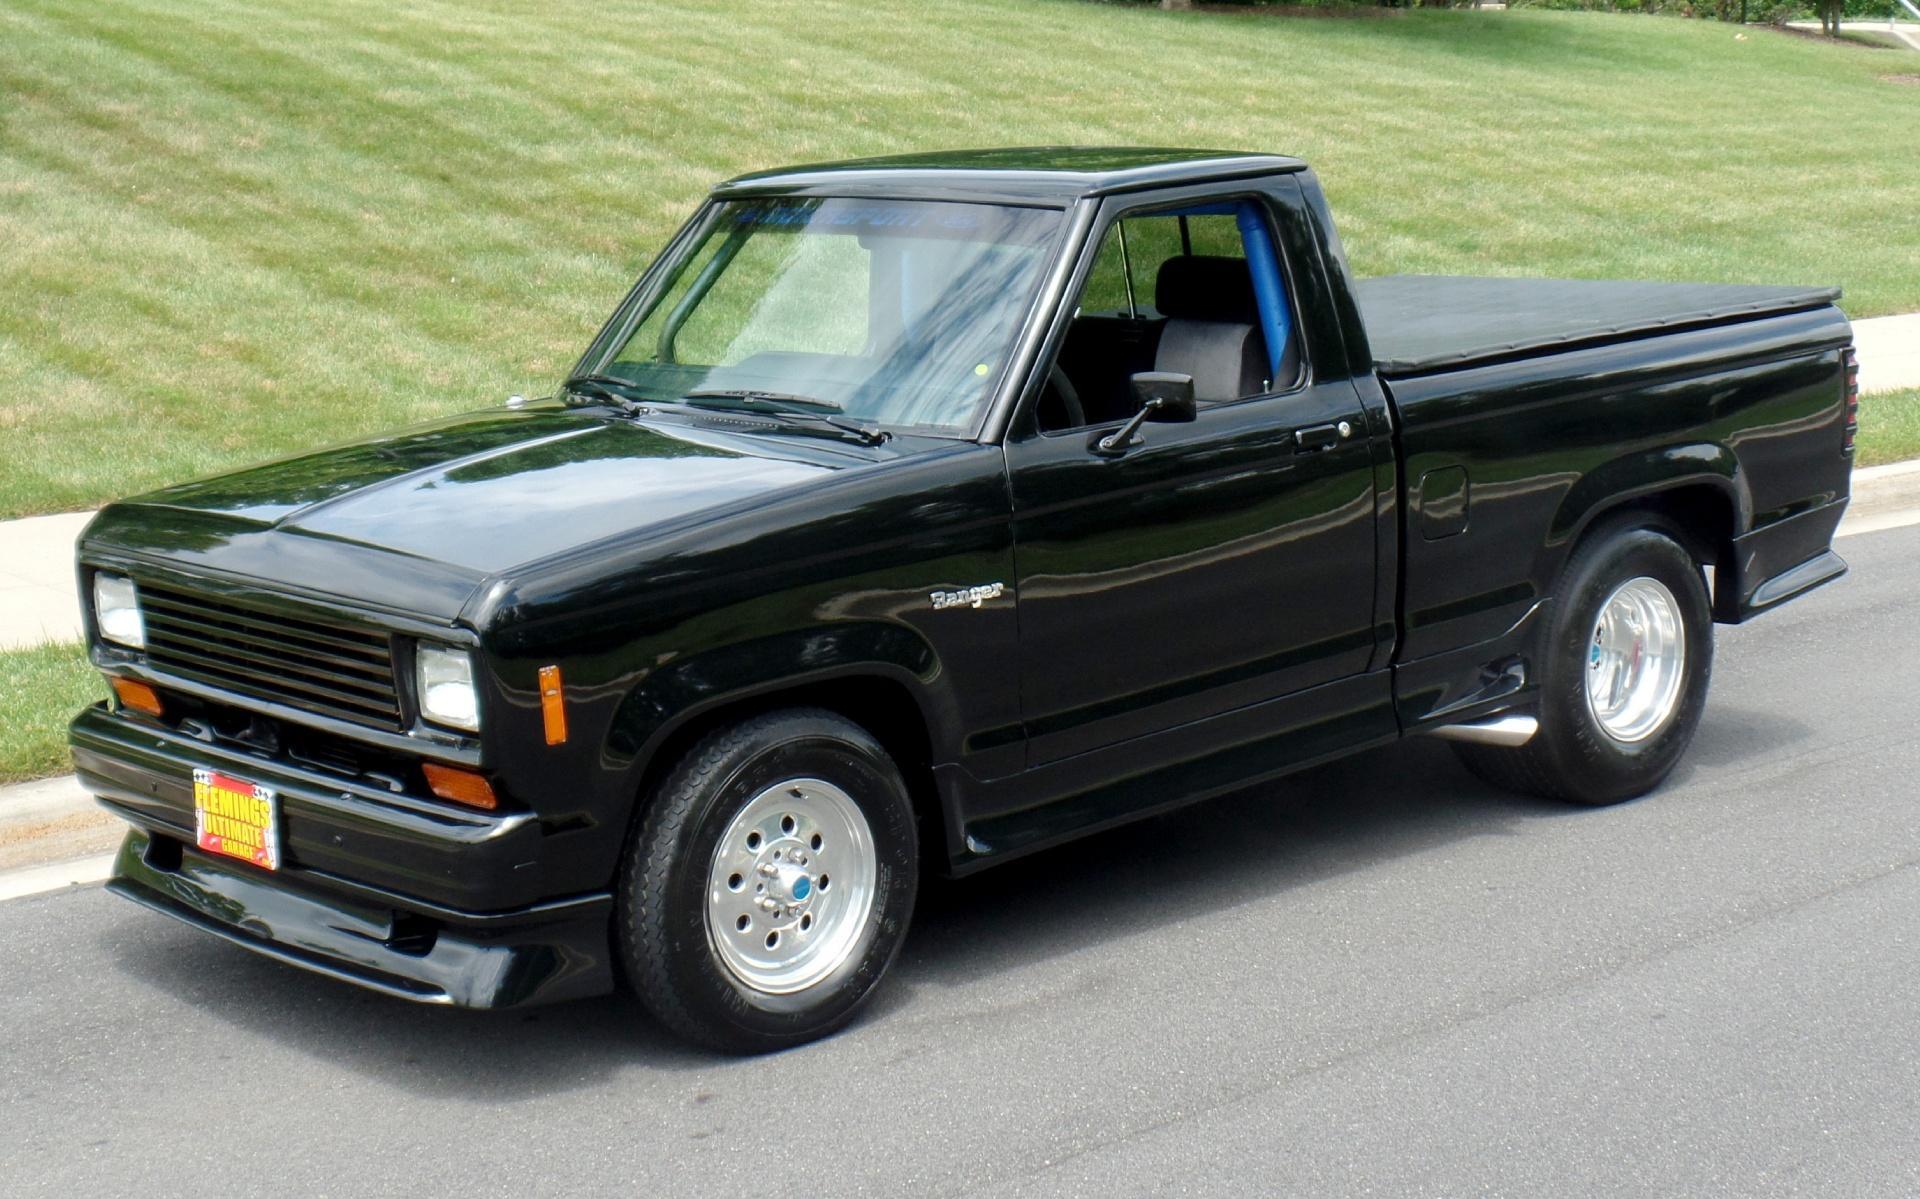 1985 ford ranger prostreet drag truck. Black Bedroom Furniture Sets. Home Design Ideas